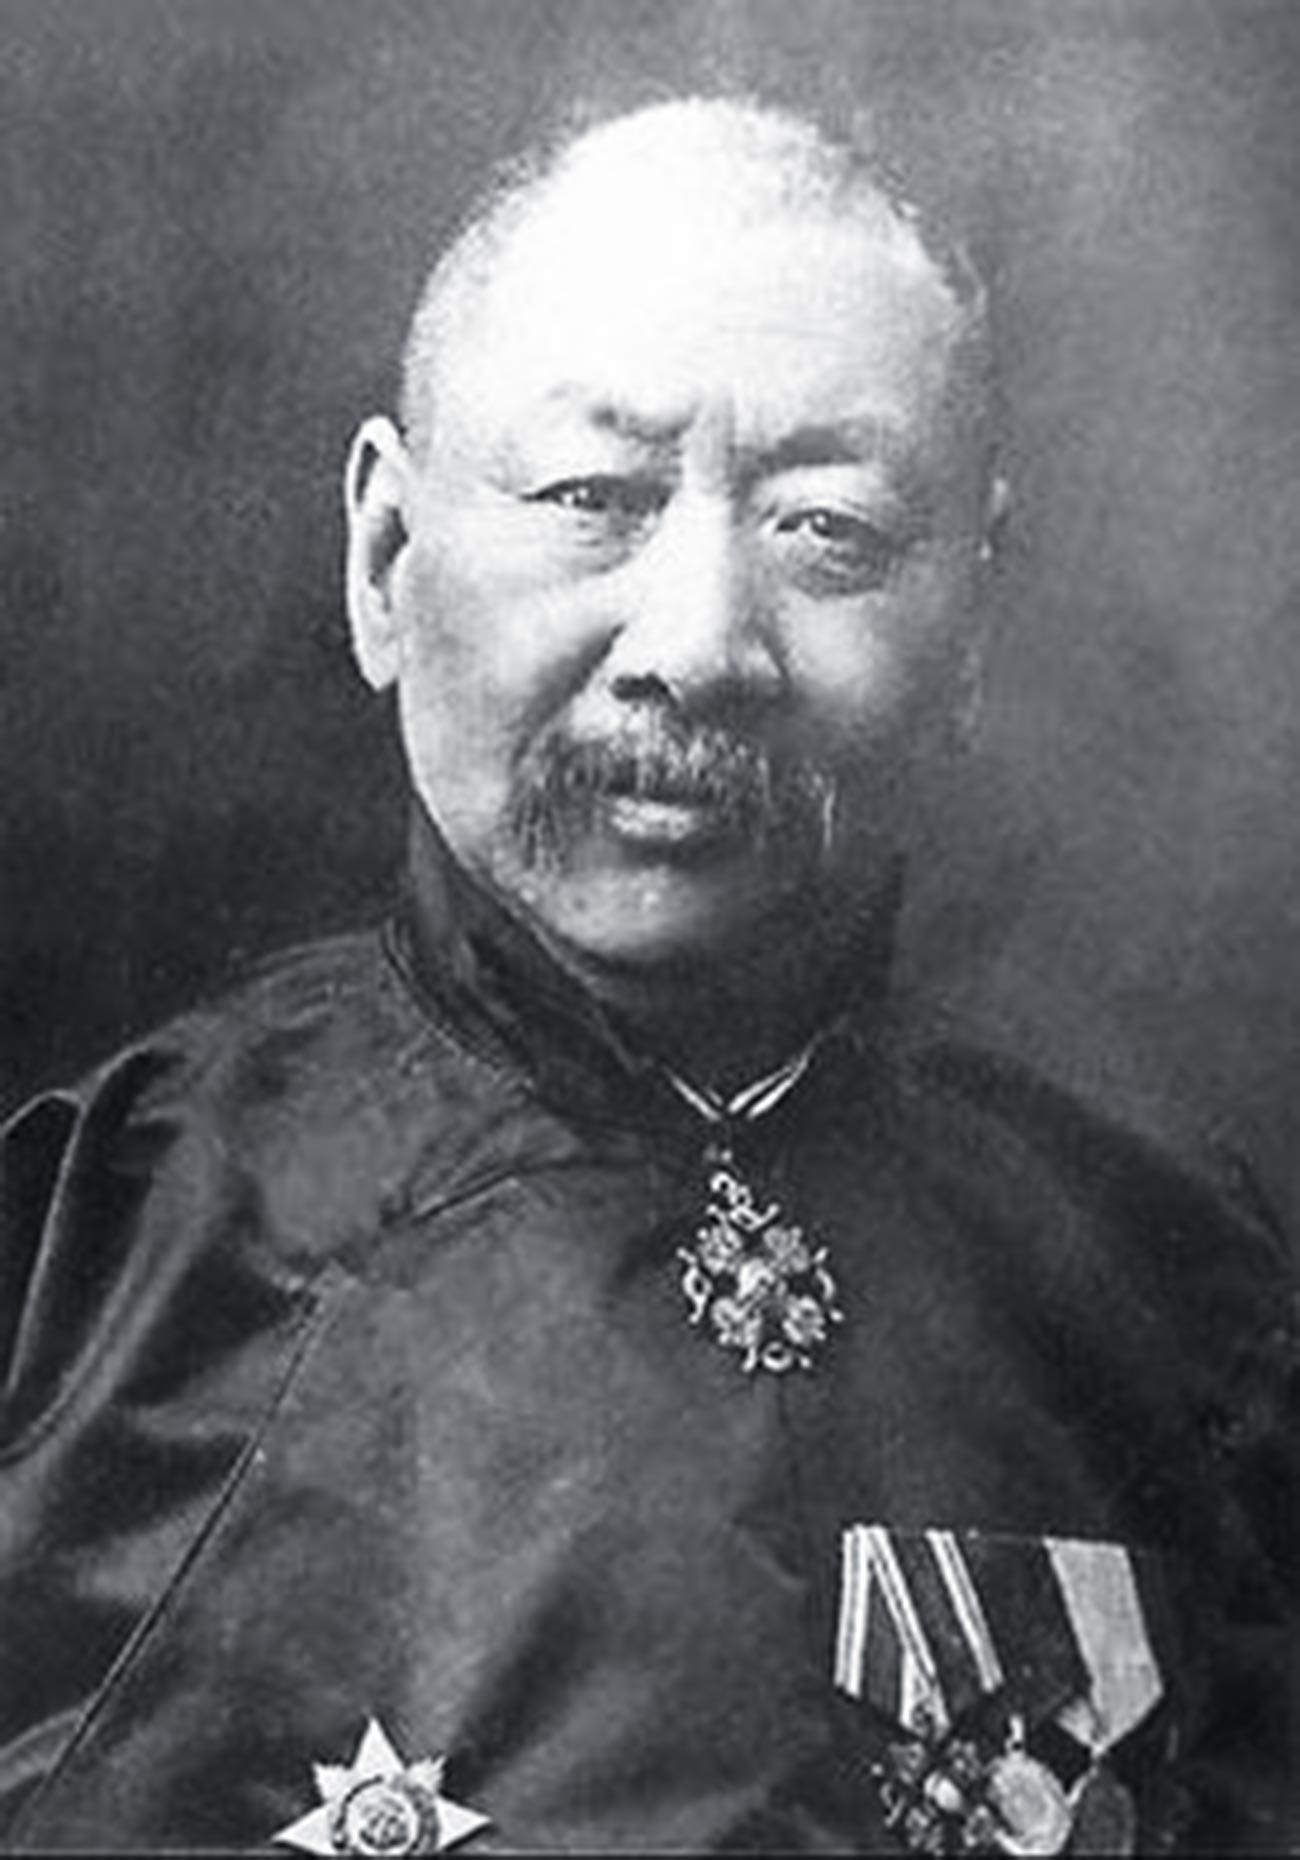 ニコライ・チフォンタイ